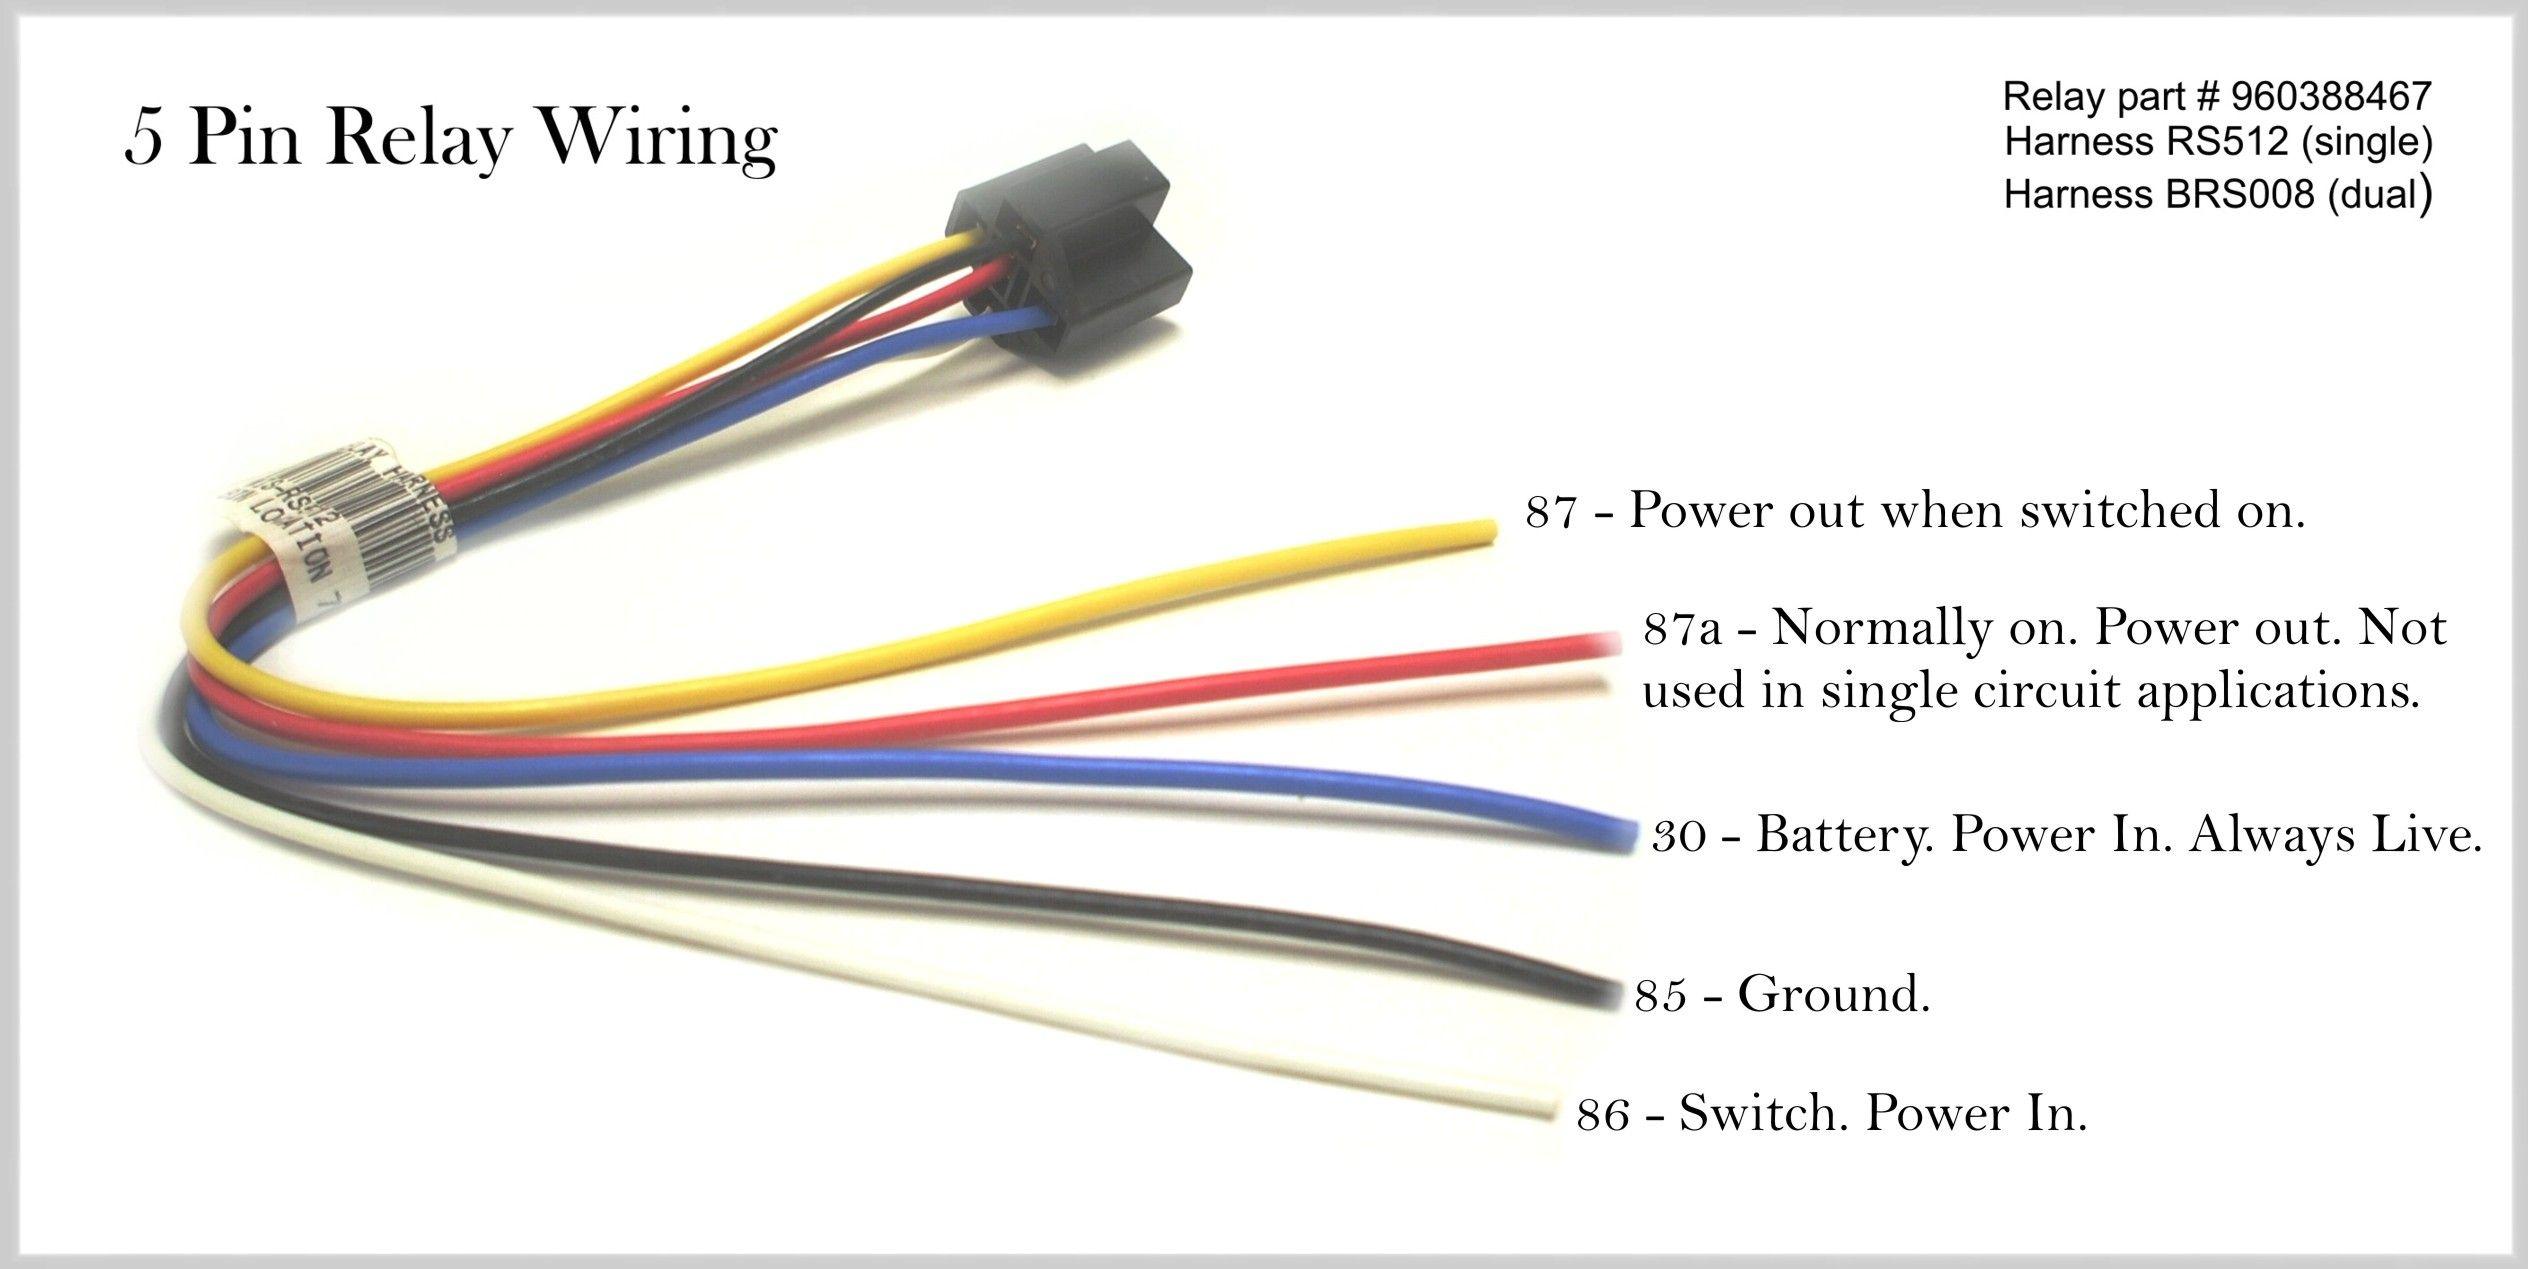 5 Pin Relay Wiring